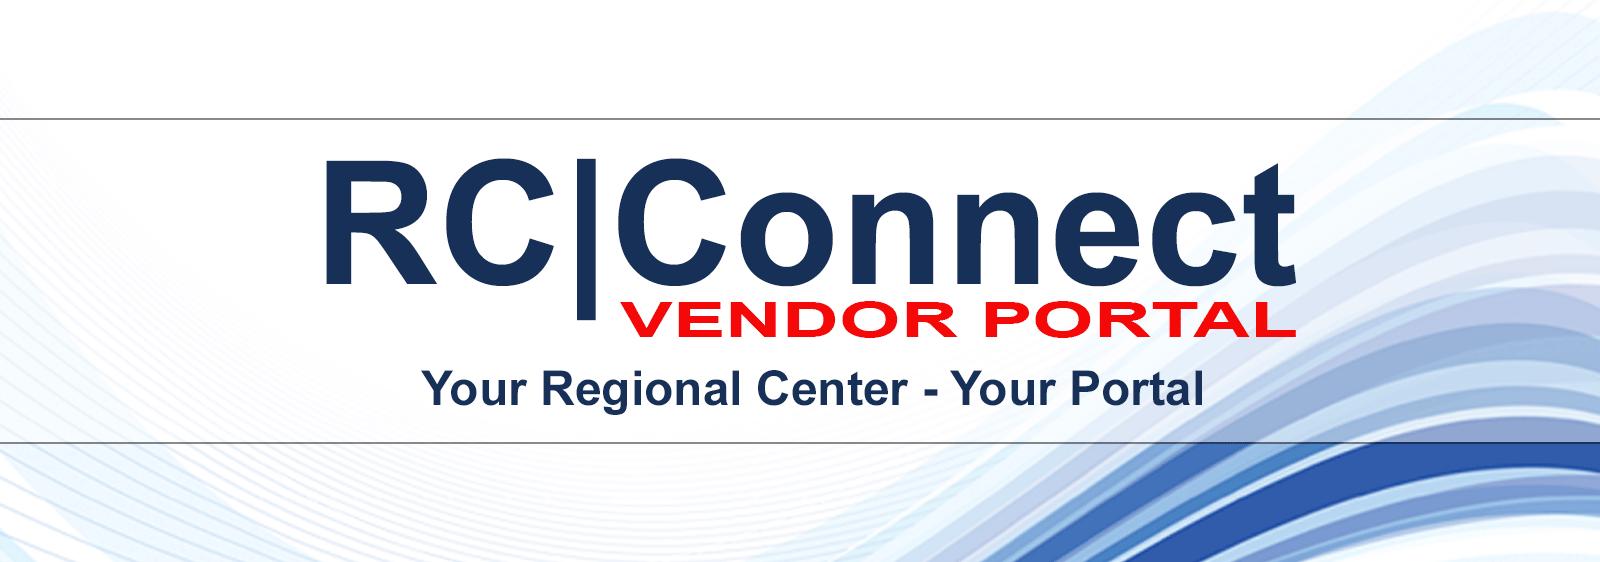 RC|Connect Vendor Portal